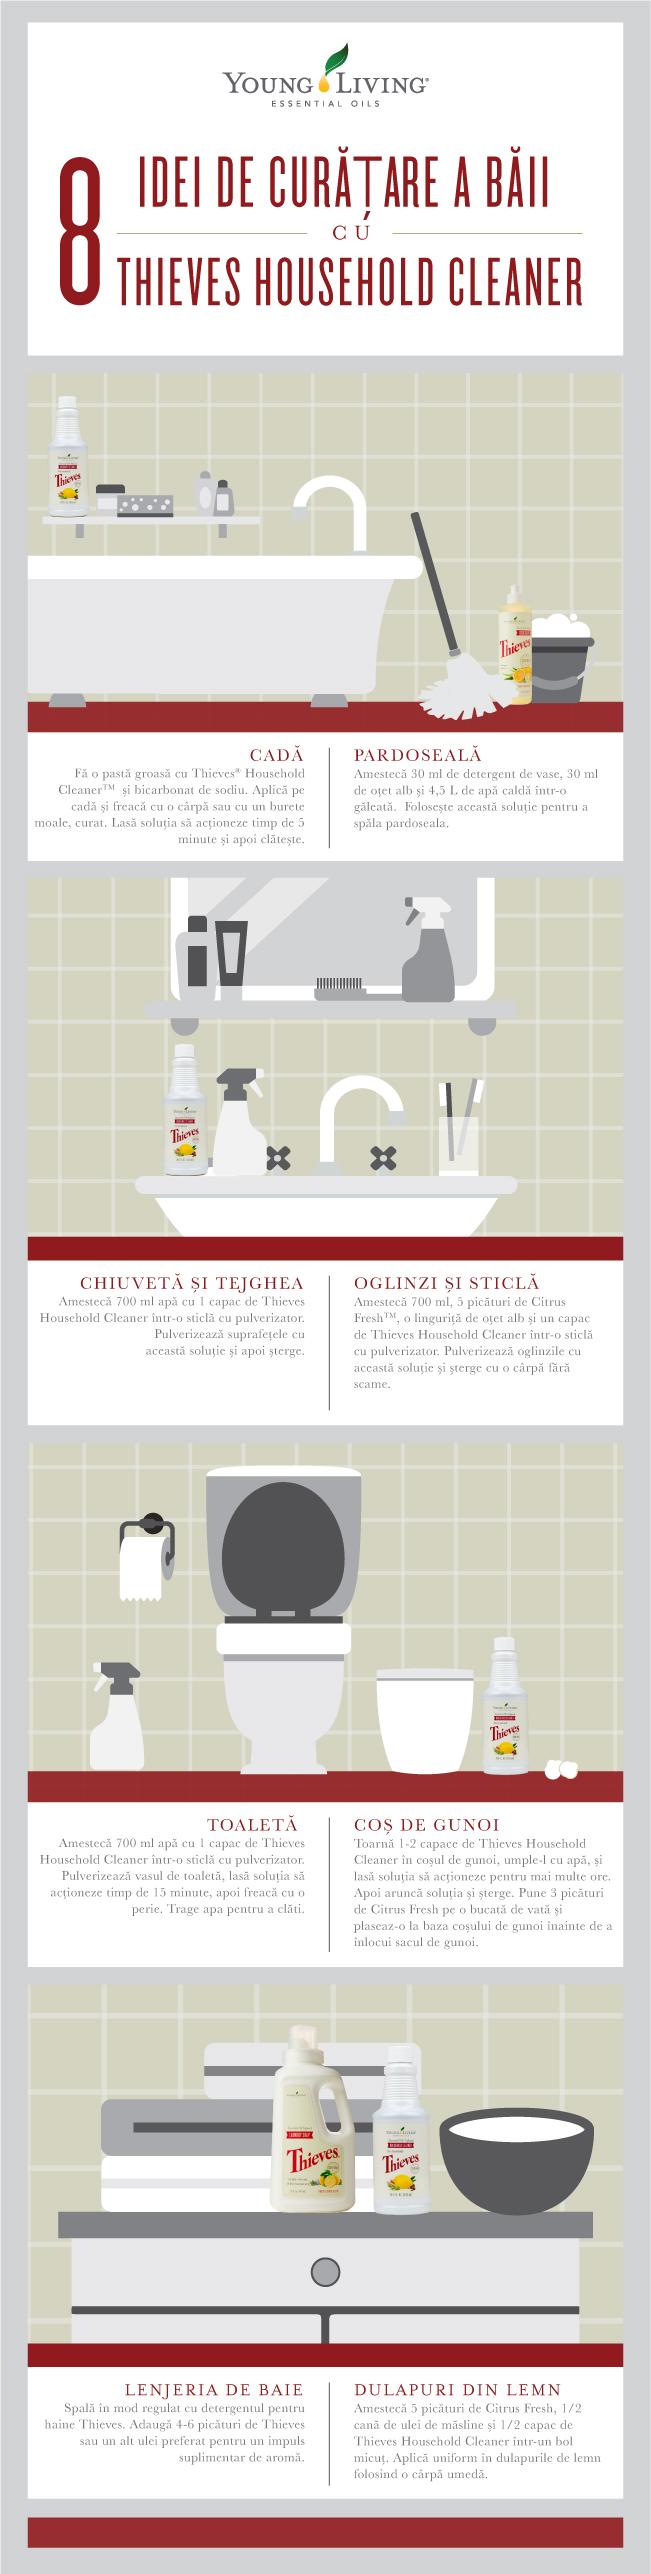 8 Idei de curățare a băii cu detergentul de uz casnic Thieves® Household Cleaner